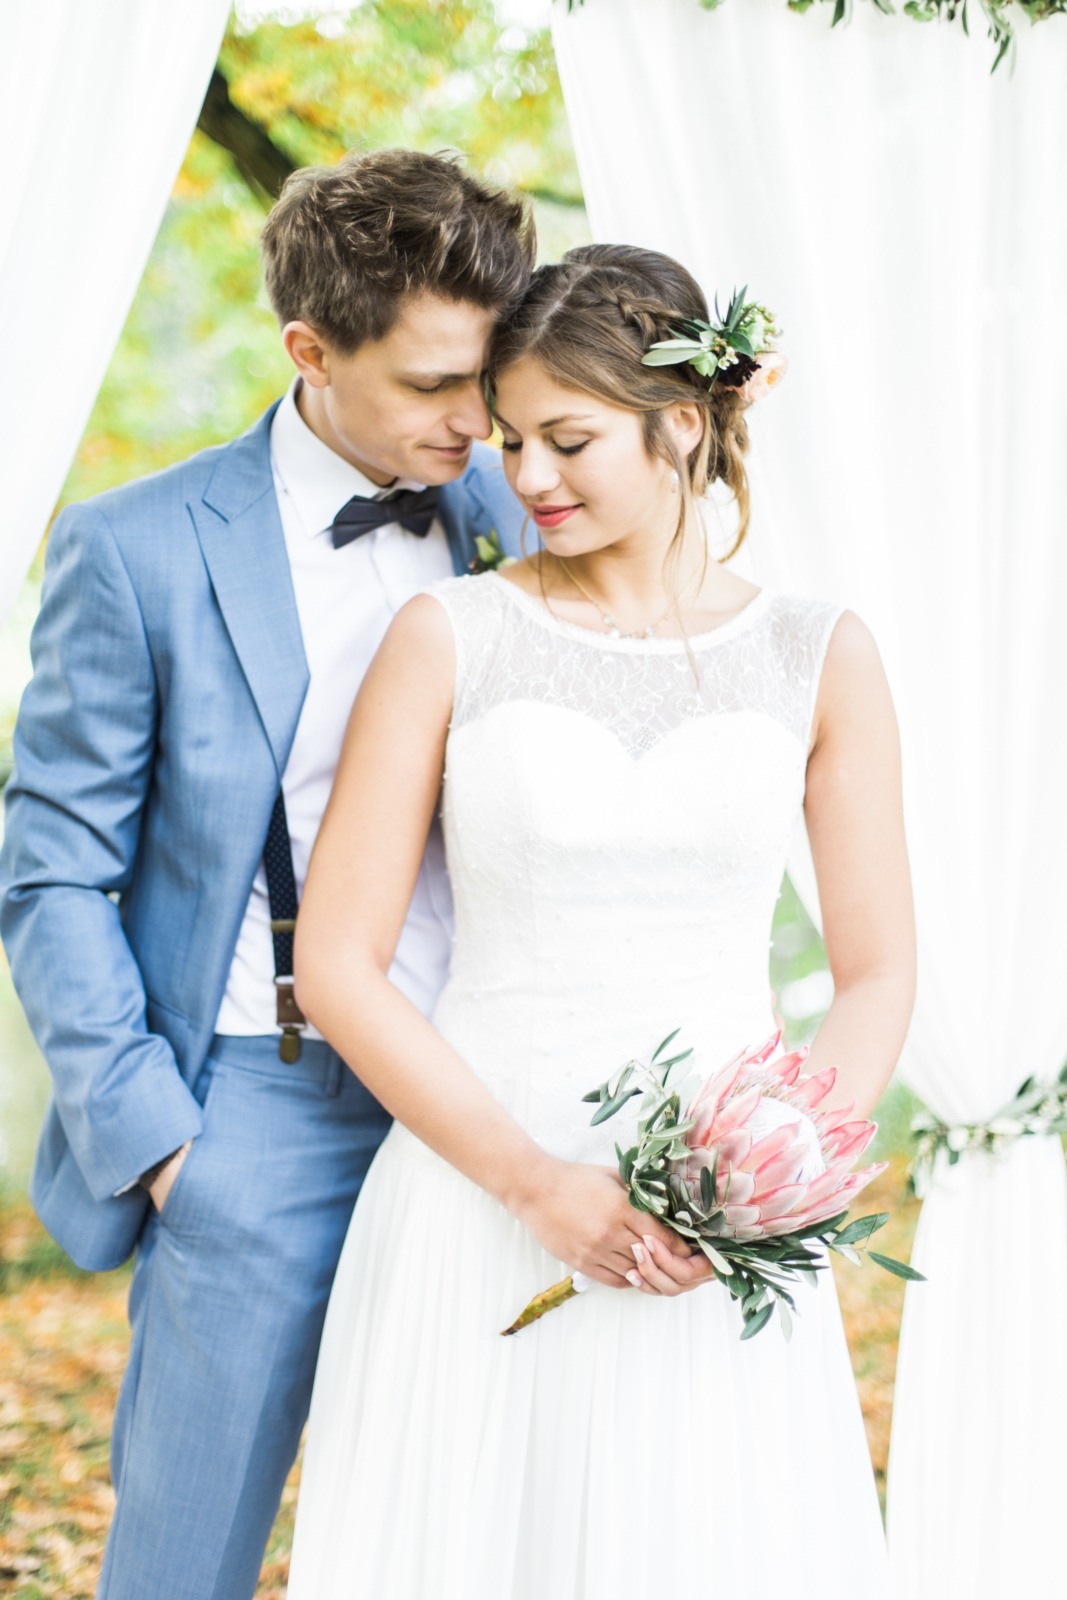 Niedlich Trashige Hochzeitskleid Zeitgenössisch - Brautkleider Ideen ...